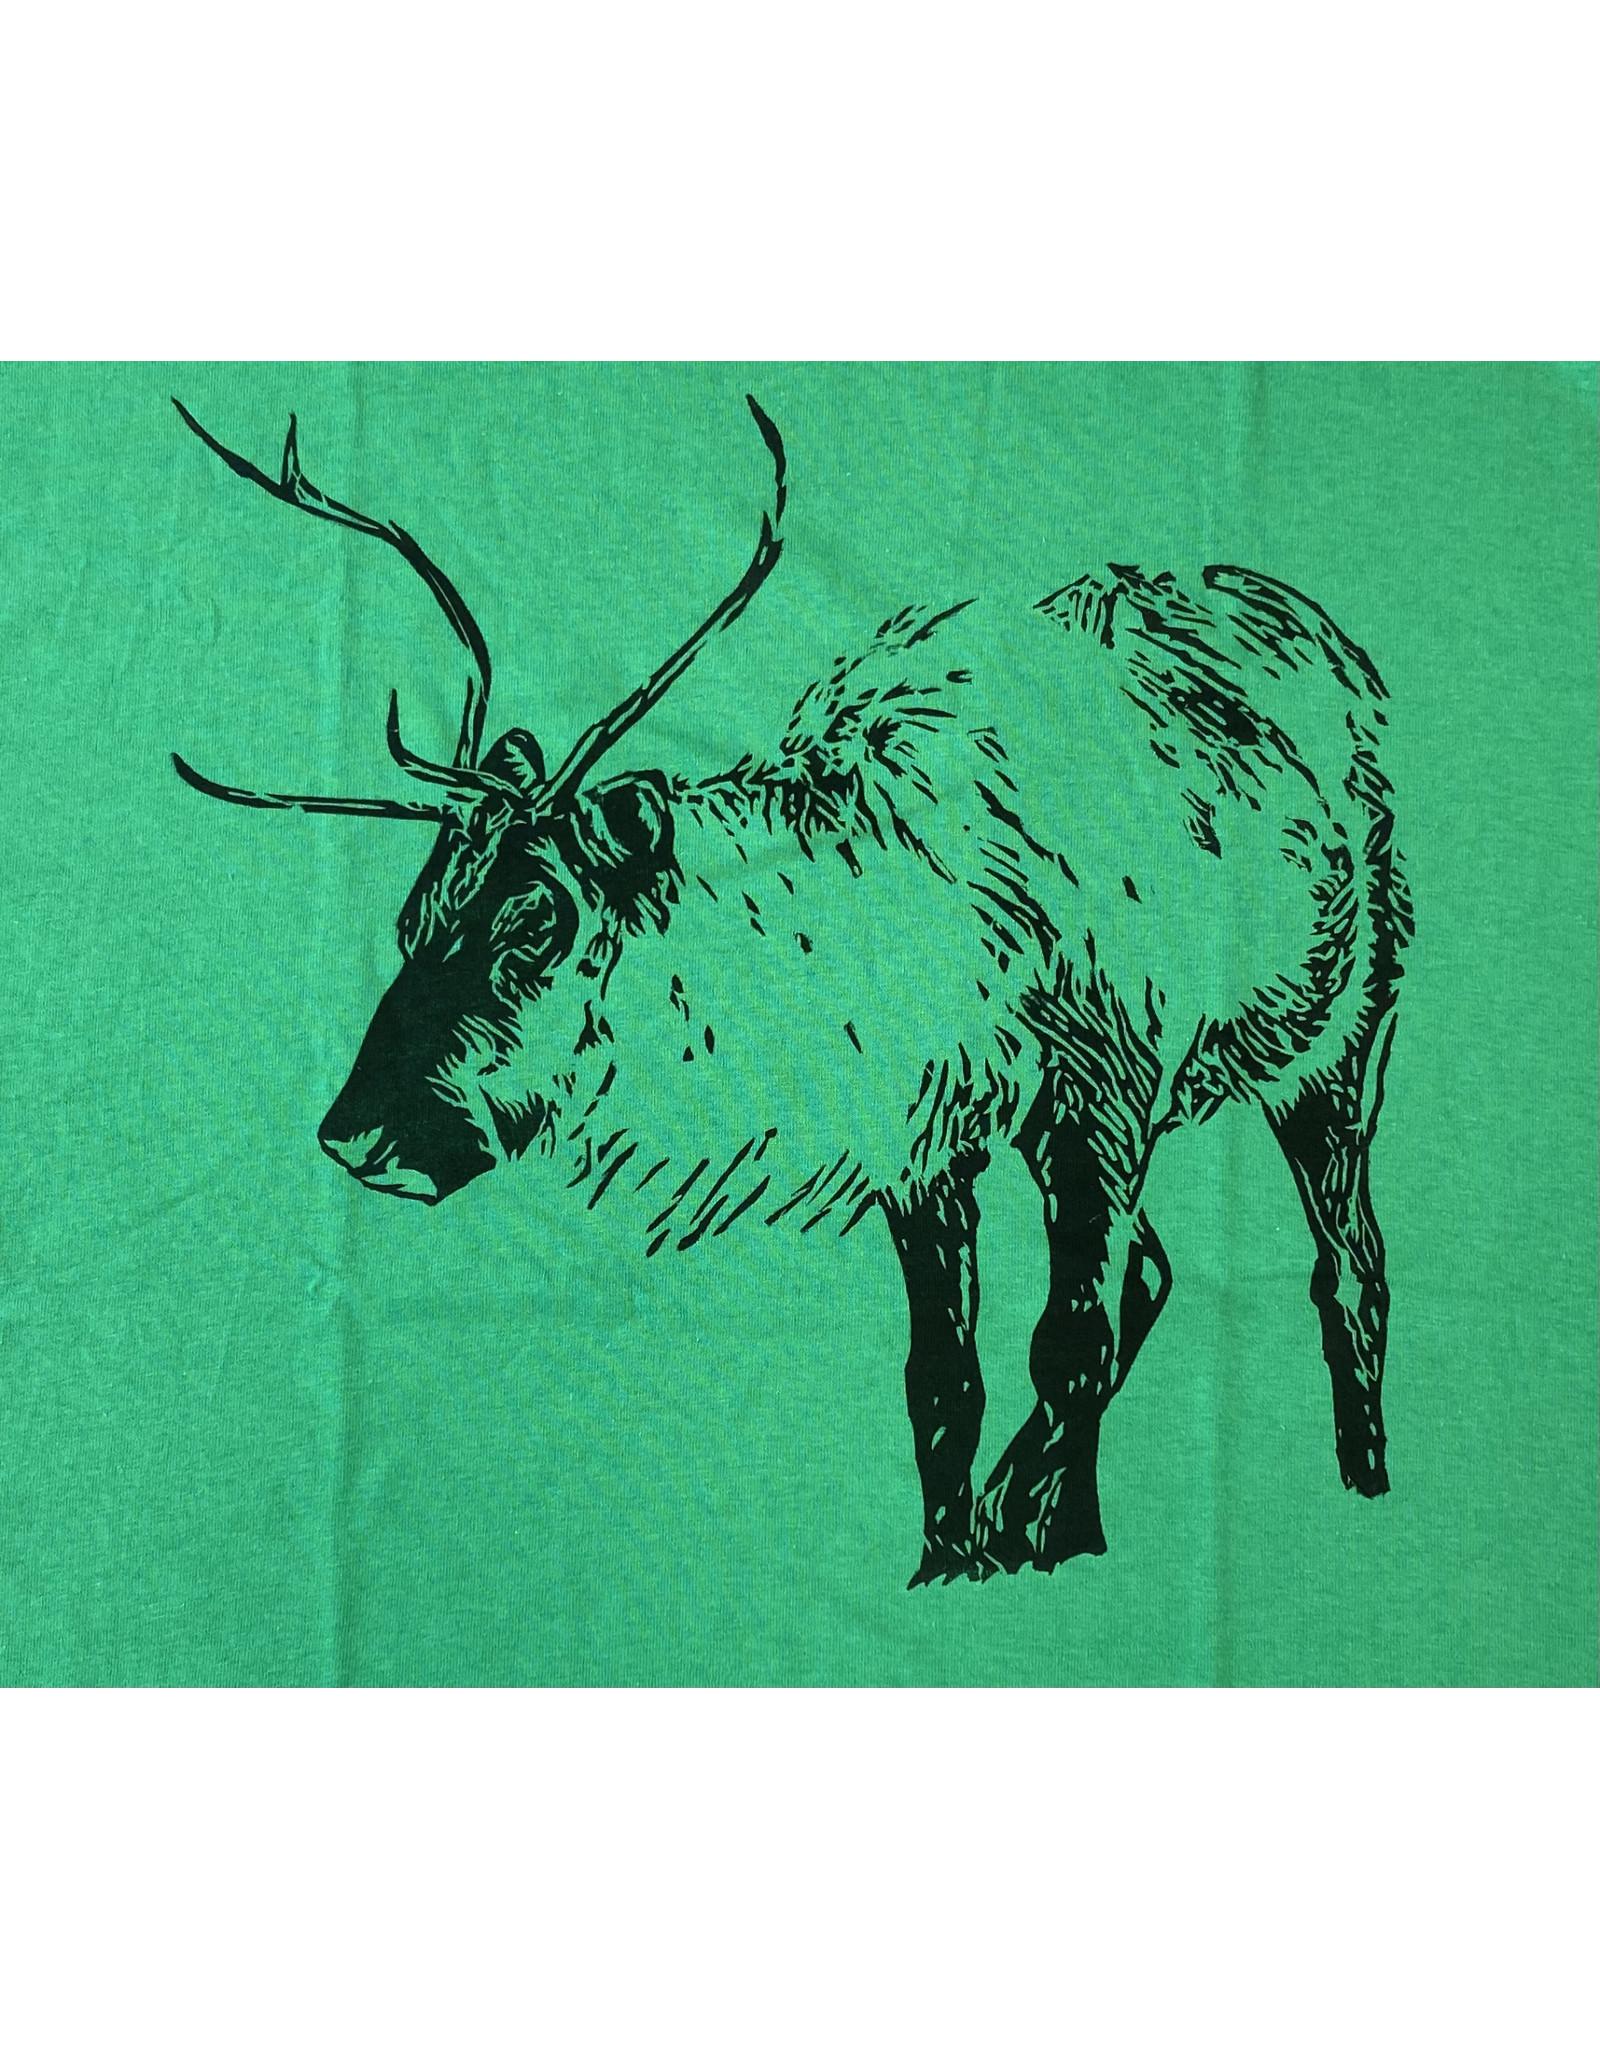 Graham, Peter Carbiou (large), t-shirt